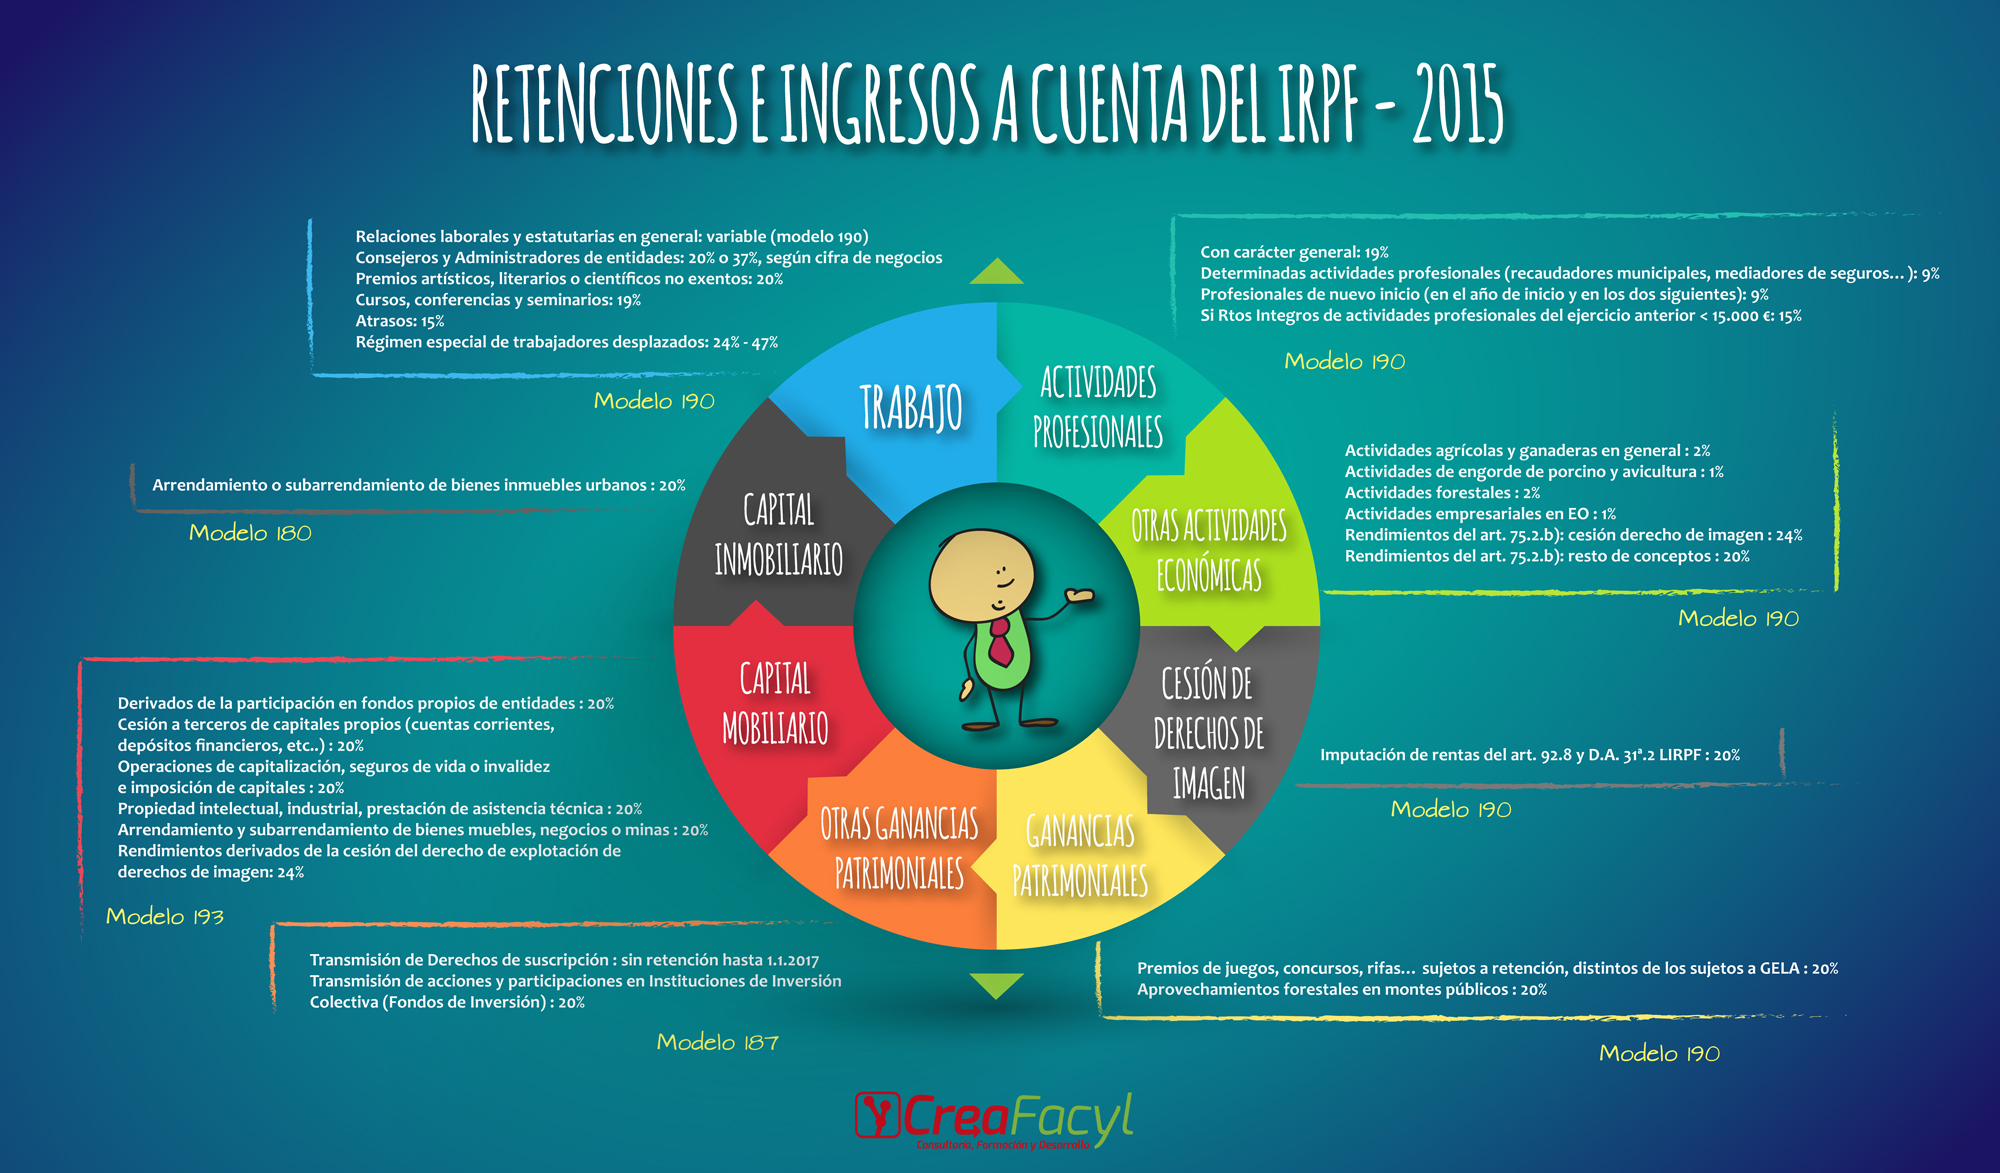 Retenciones-2015